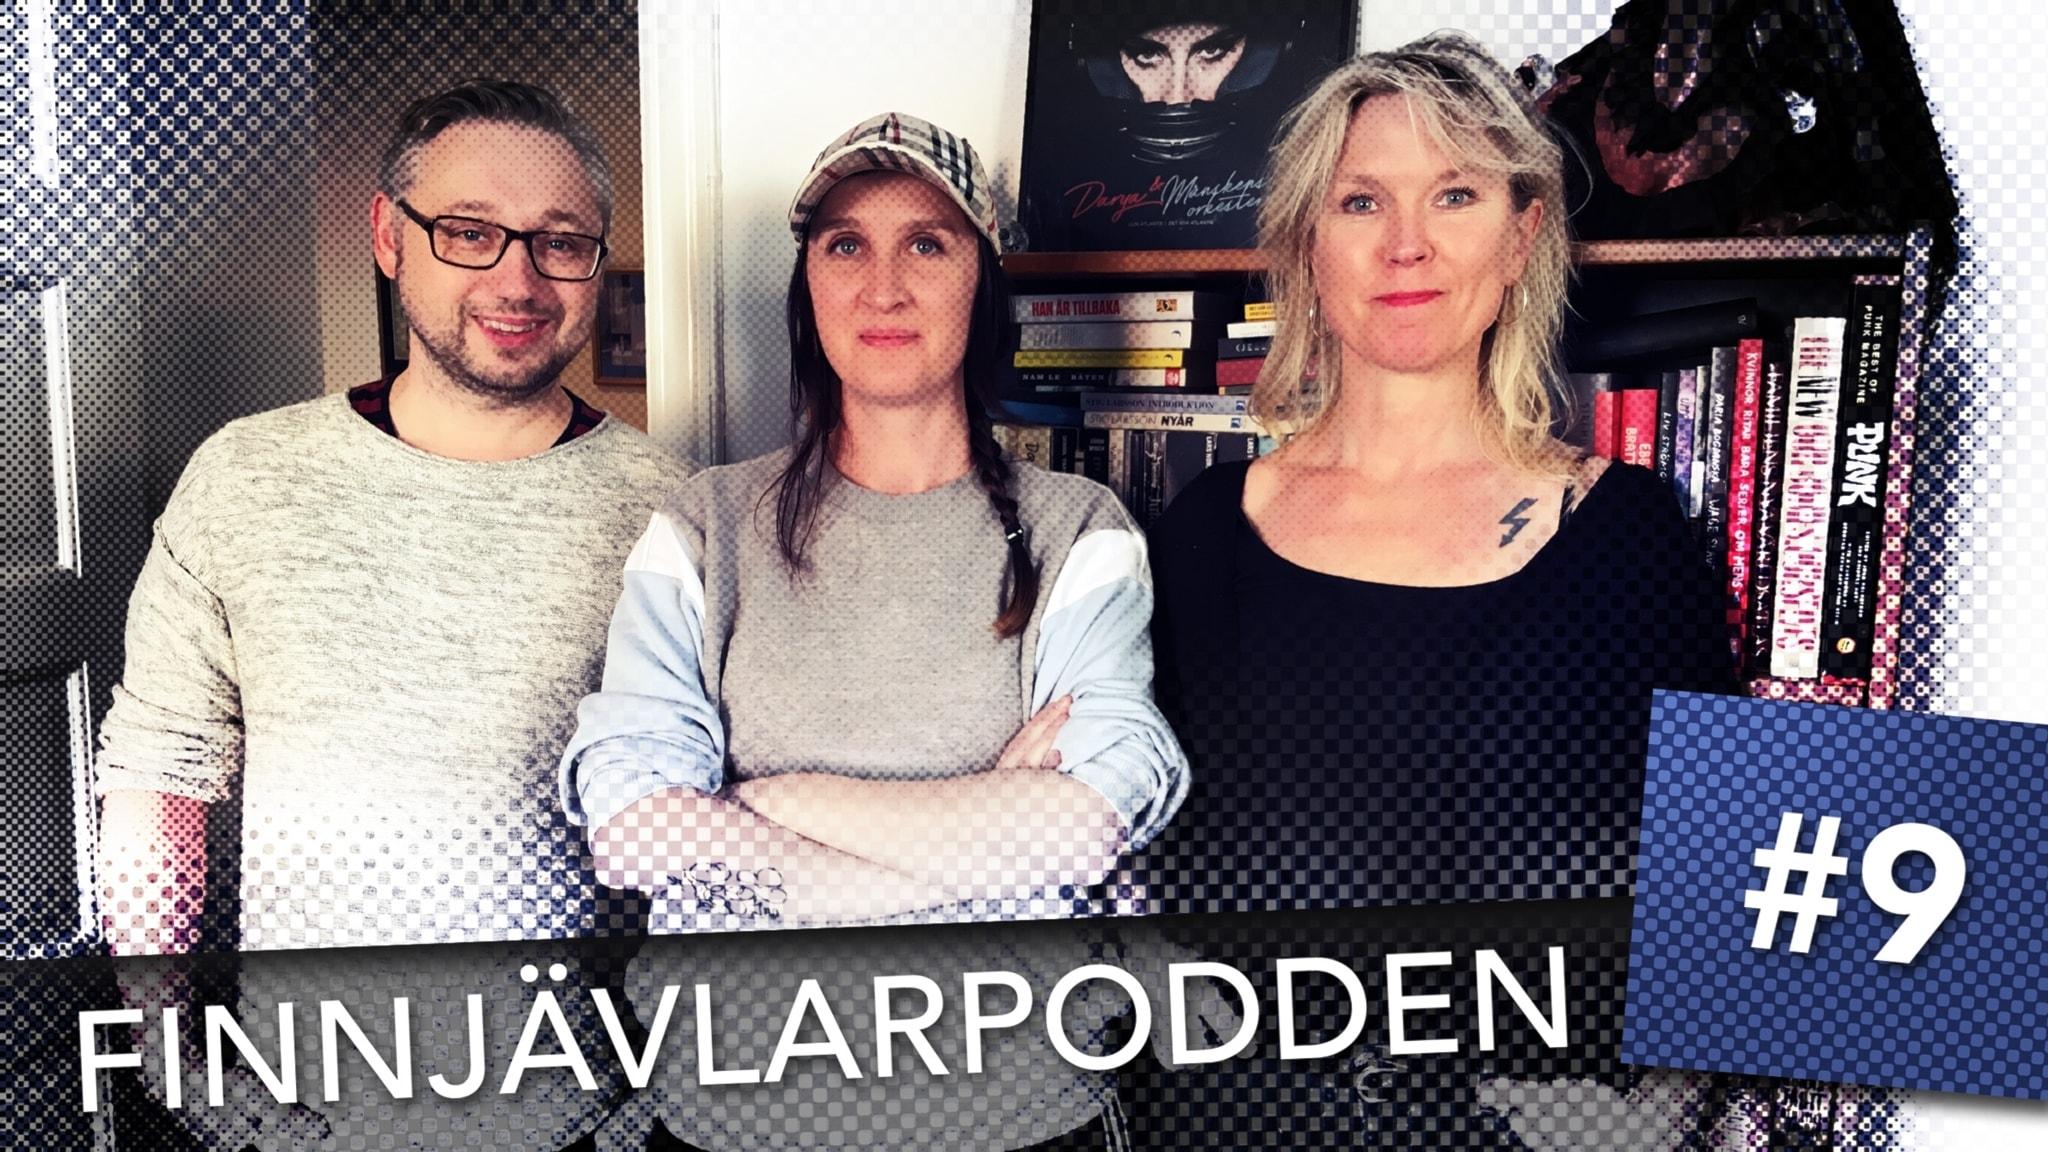 Finnjävlarpodden #9